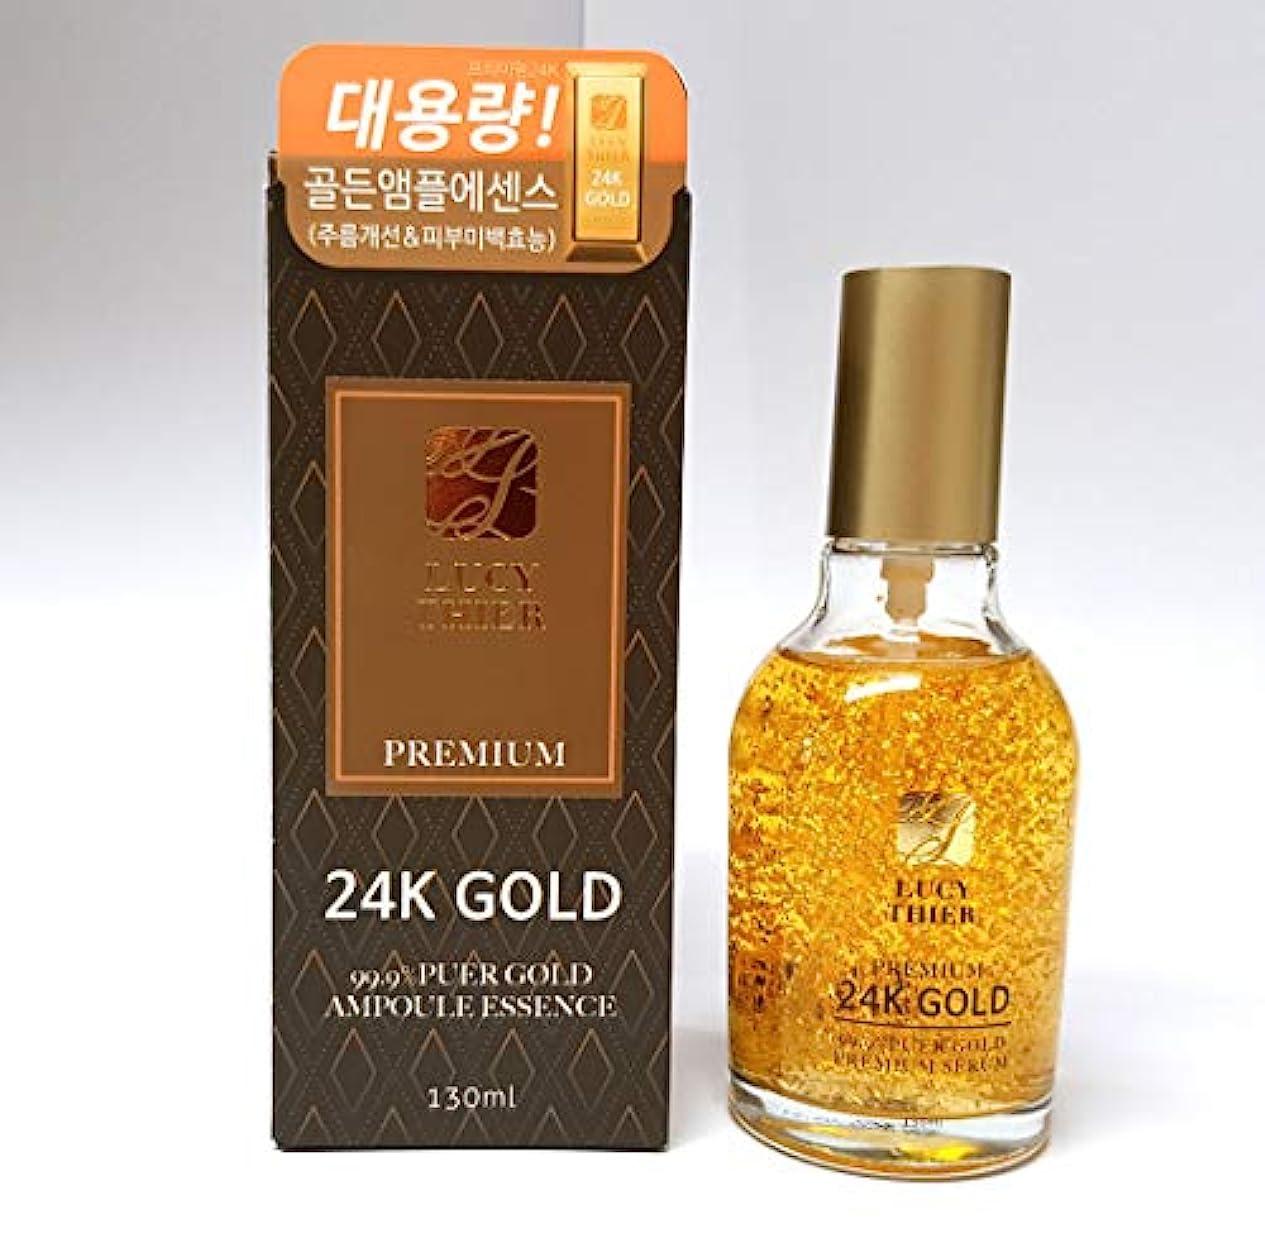 バックグラウンド証書キャンバス[LUCYTHIER] プレミアム24Kゴールドアンプルエッセンス130ml / Premium 24K Gold Ampoule Essence 130ml / 大容量/large capacity/シワ改善、美白/wrinkle...